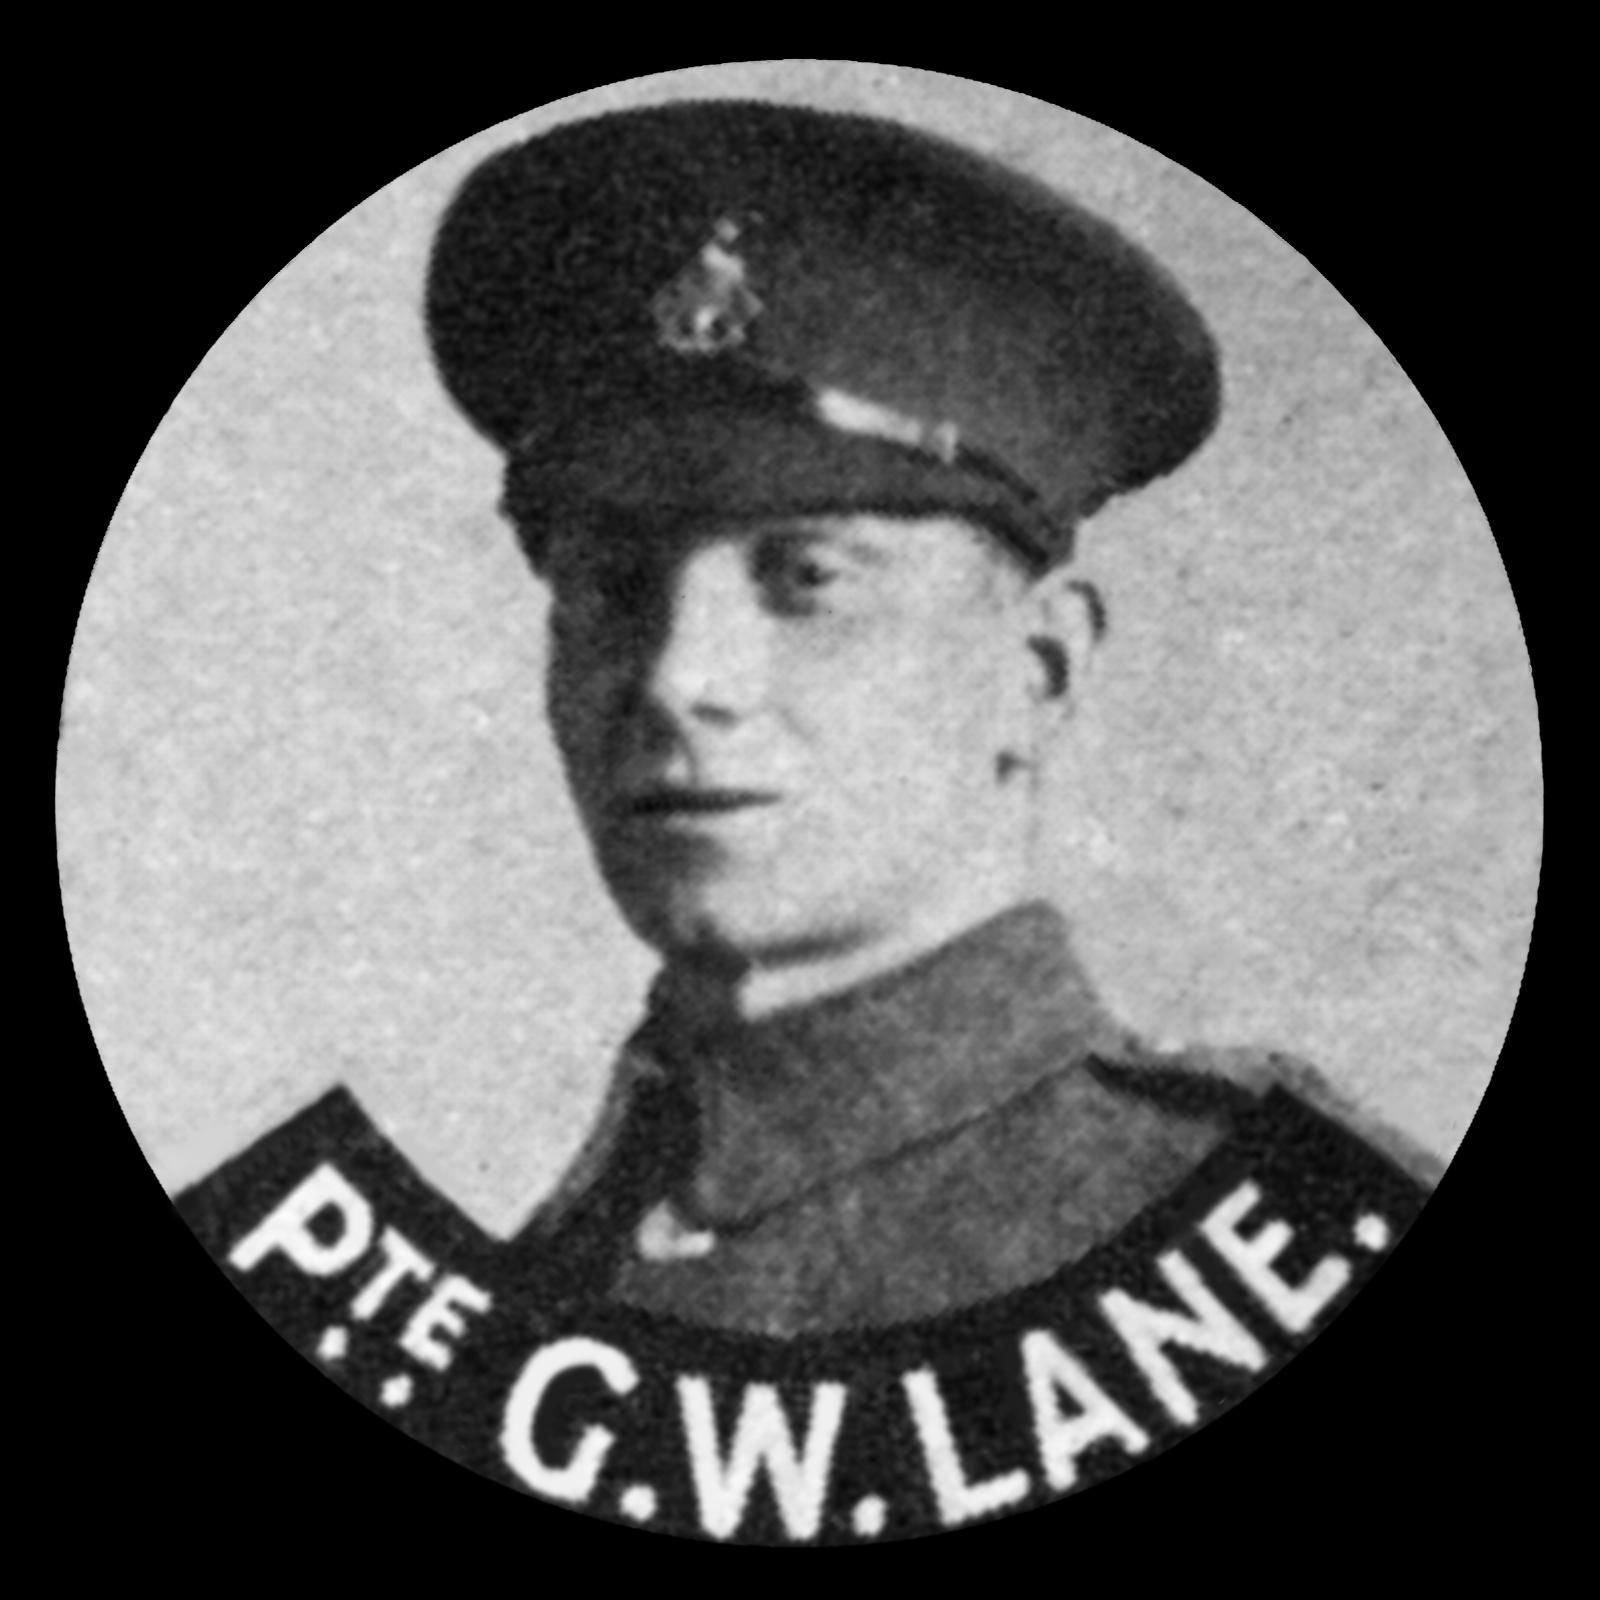 LANE George William